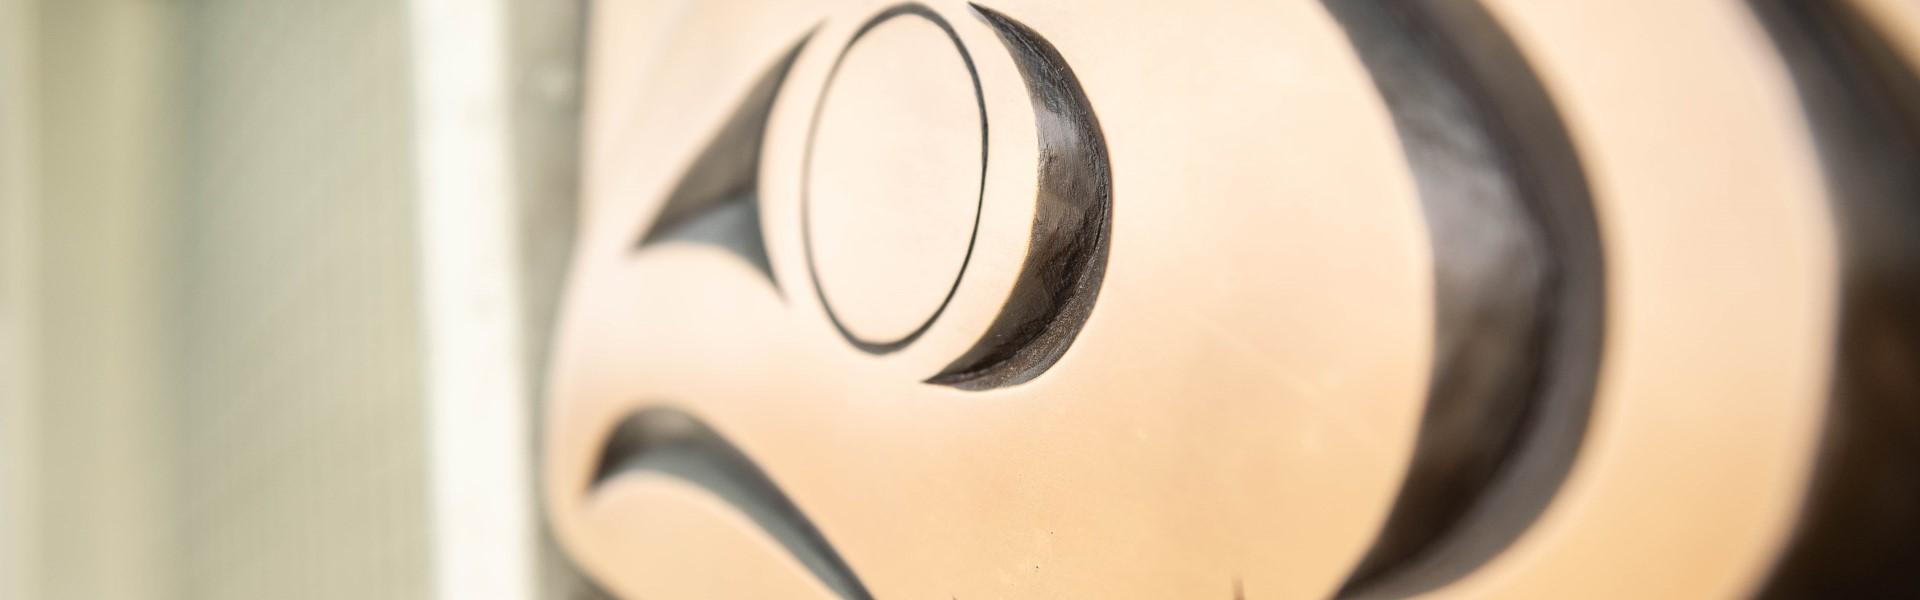 Photo of detail of ʔəlqsən — the hən̓q̓əmin̓əm̓ word for 'point of land' - an art installation at UBC Vancouver bus loop. The detail is of cast bronze carving of a salmon eye.